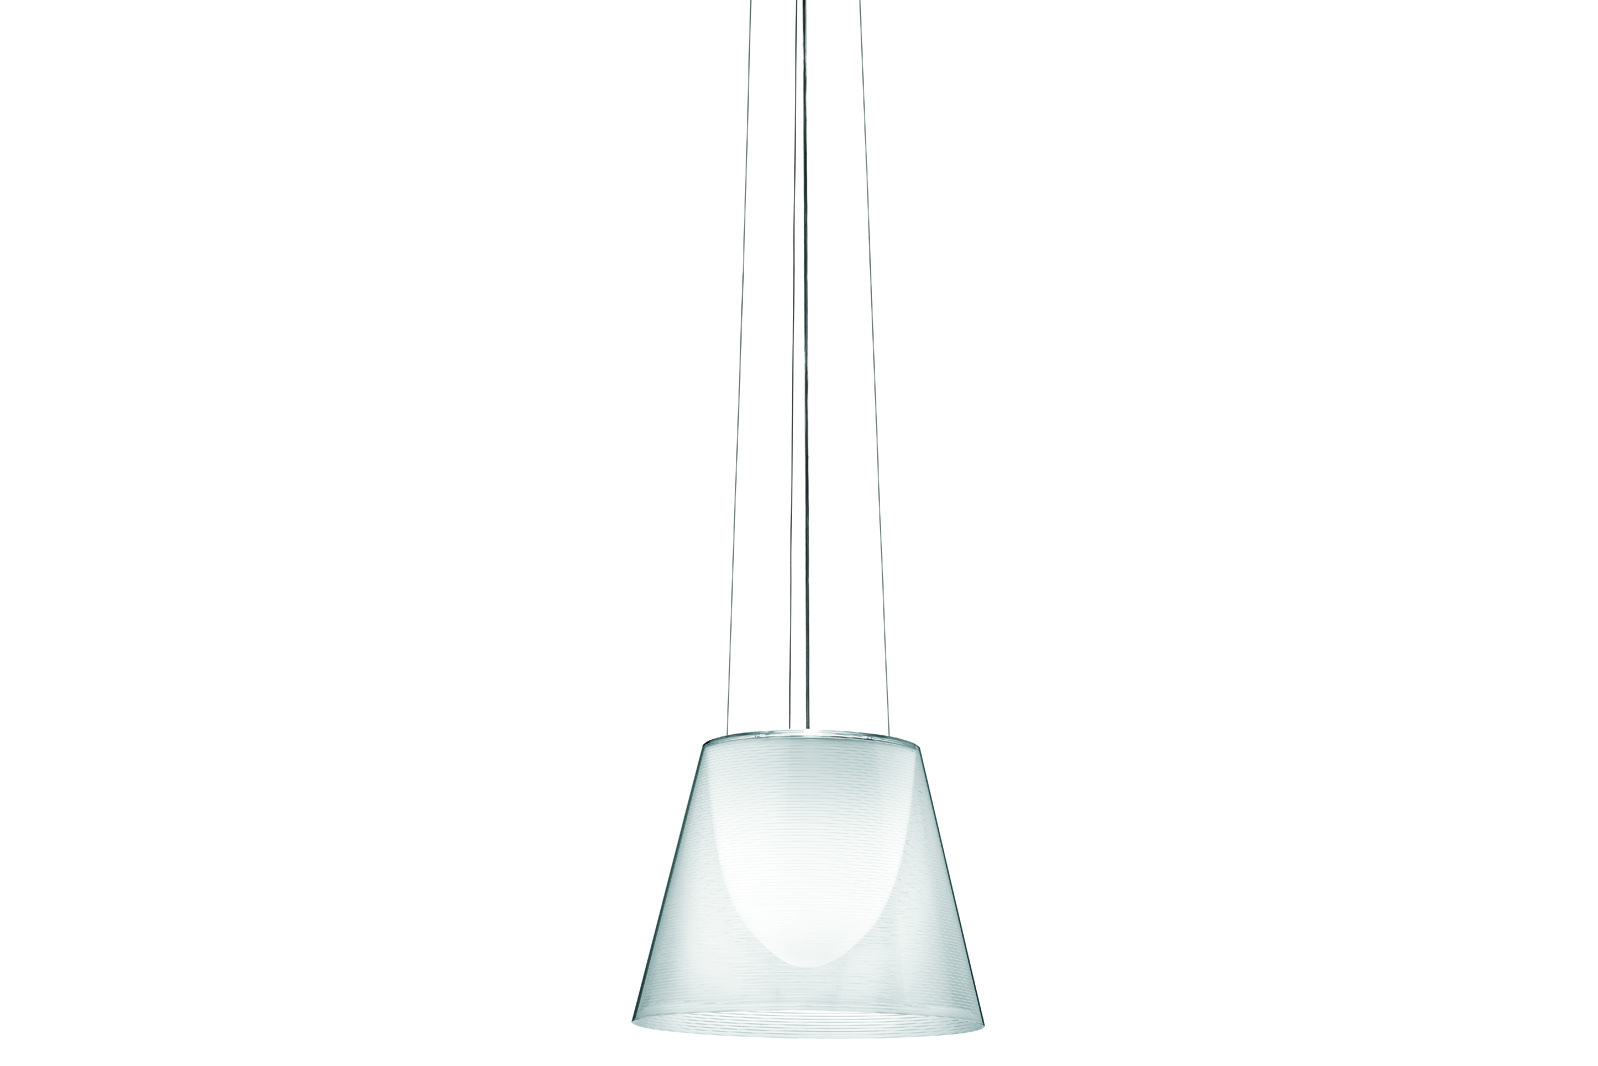 Flos ktribe s2 lampade a sospensione for Flos lampade a sospensione